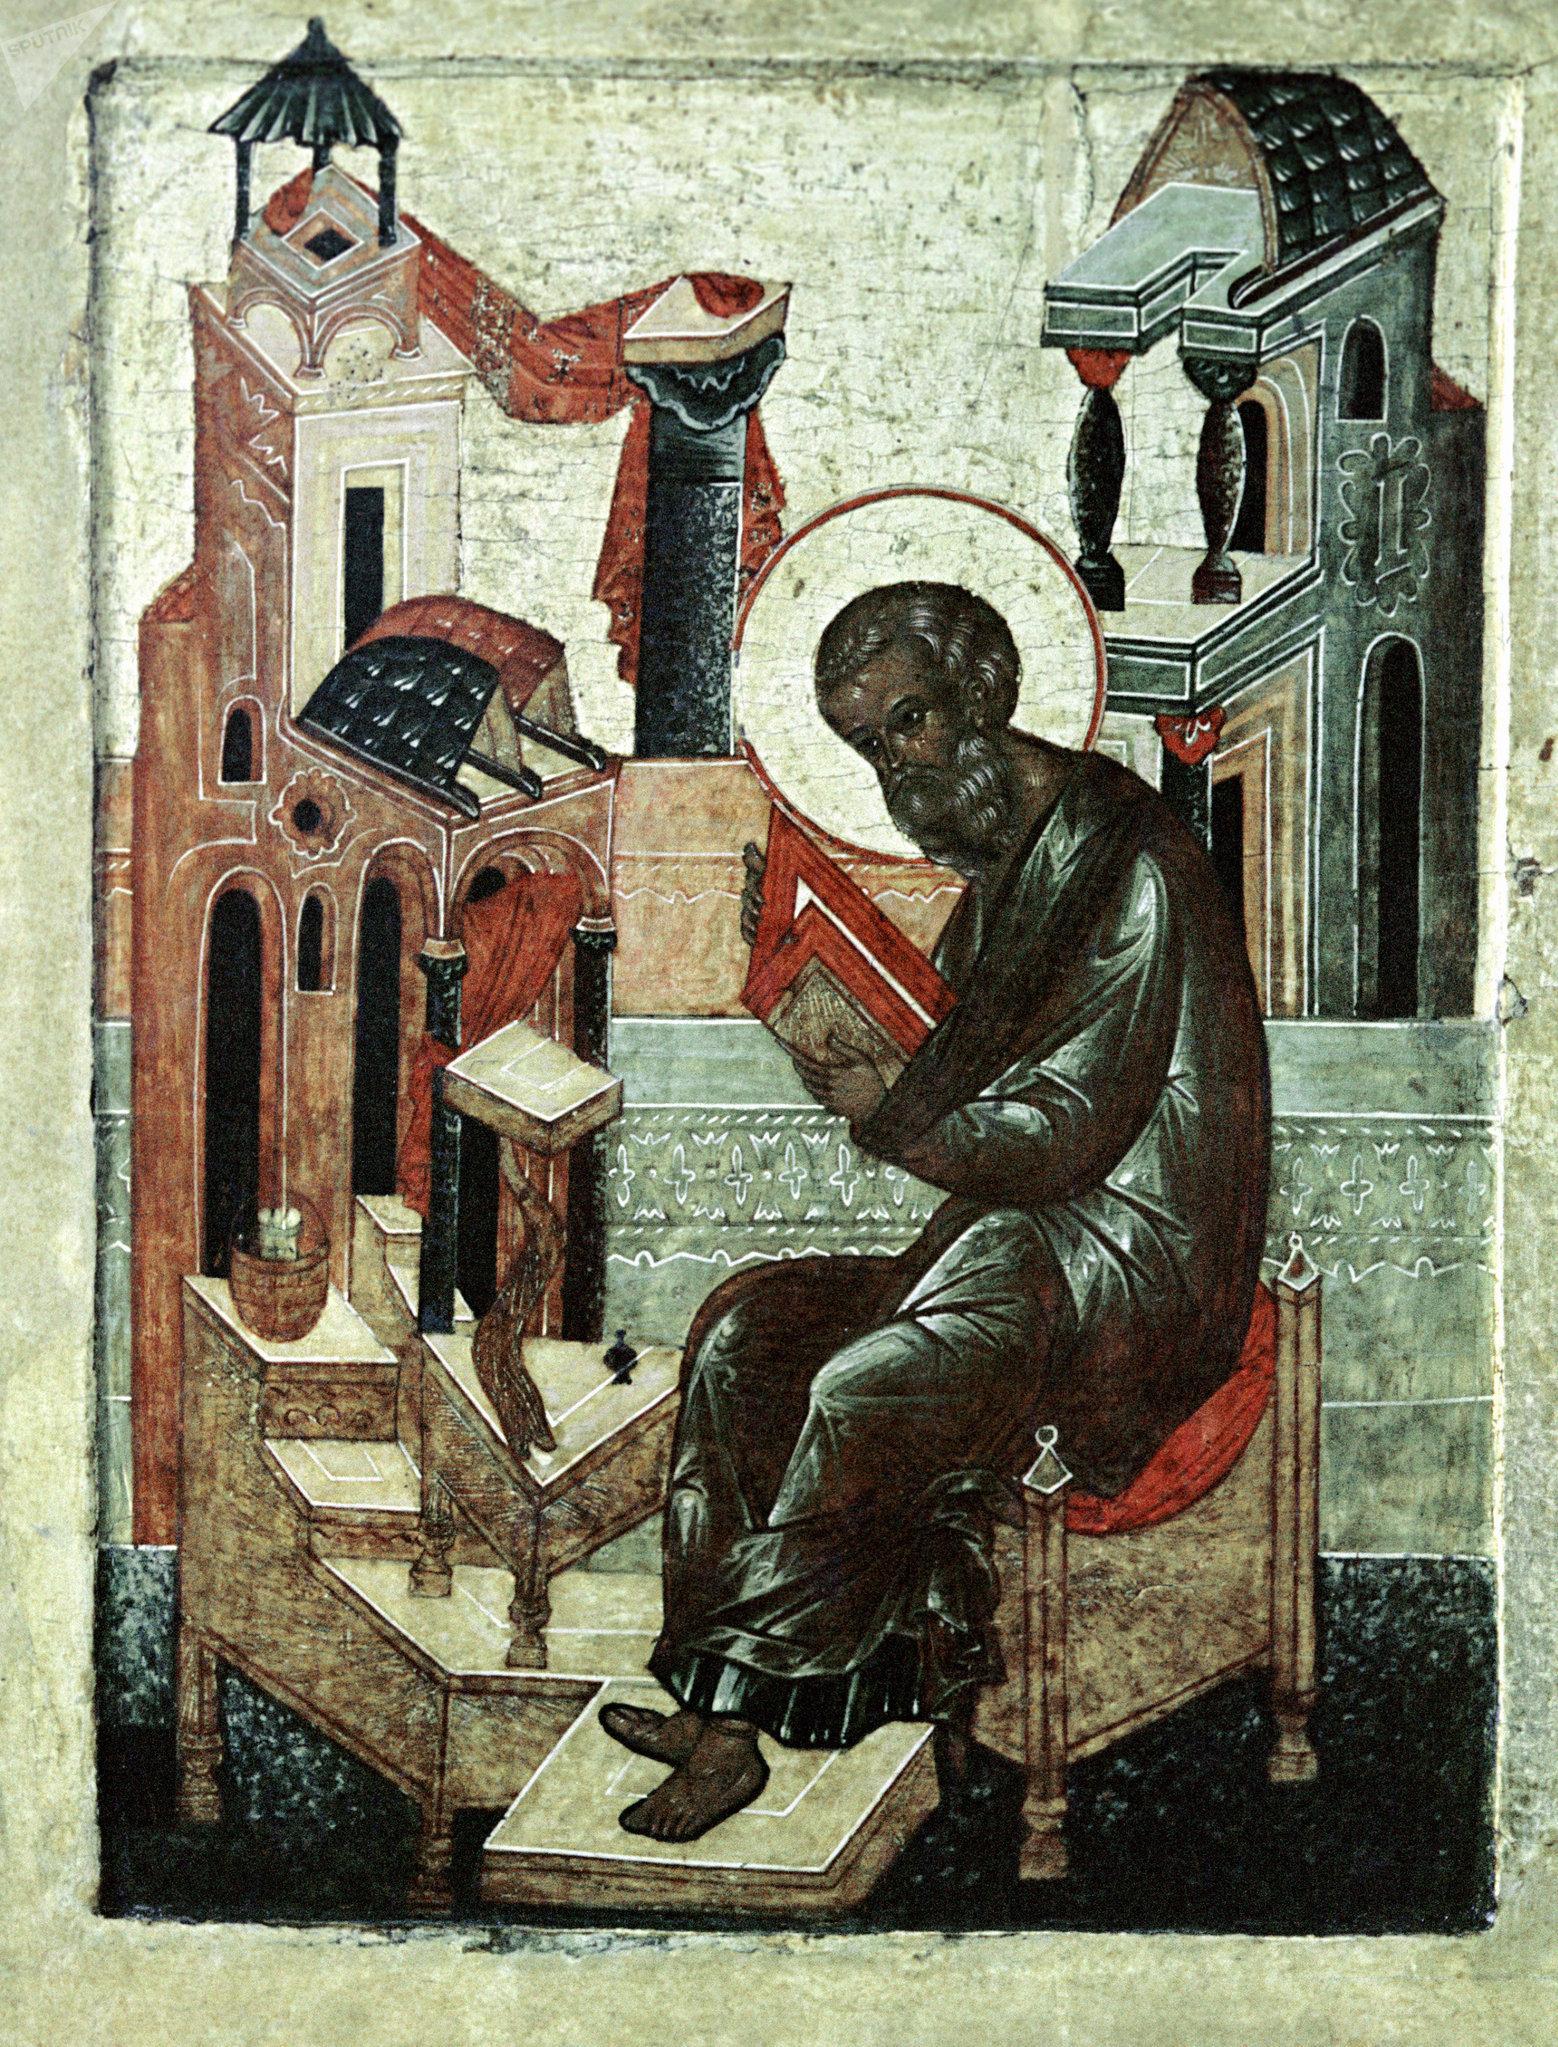 Репродукция иконы Покров Богоматери XVII века из собрания музея Новодевичьего монастыря